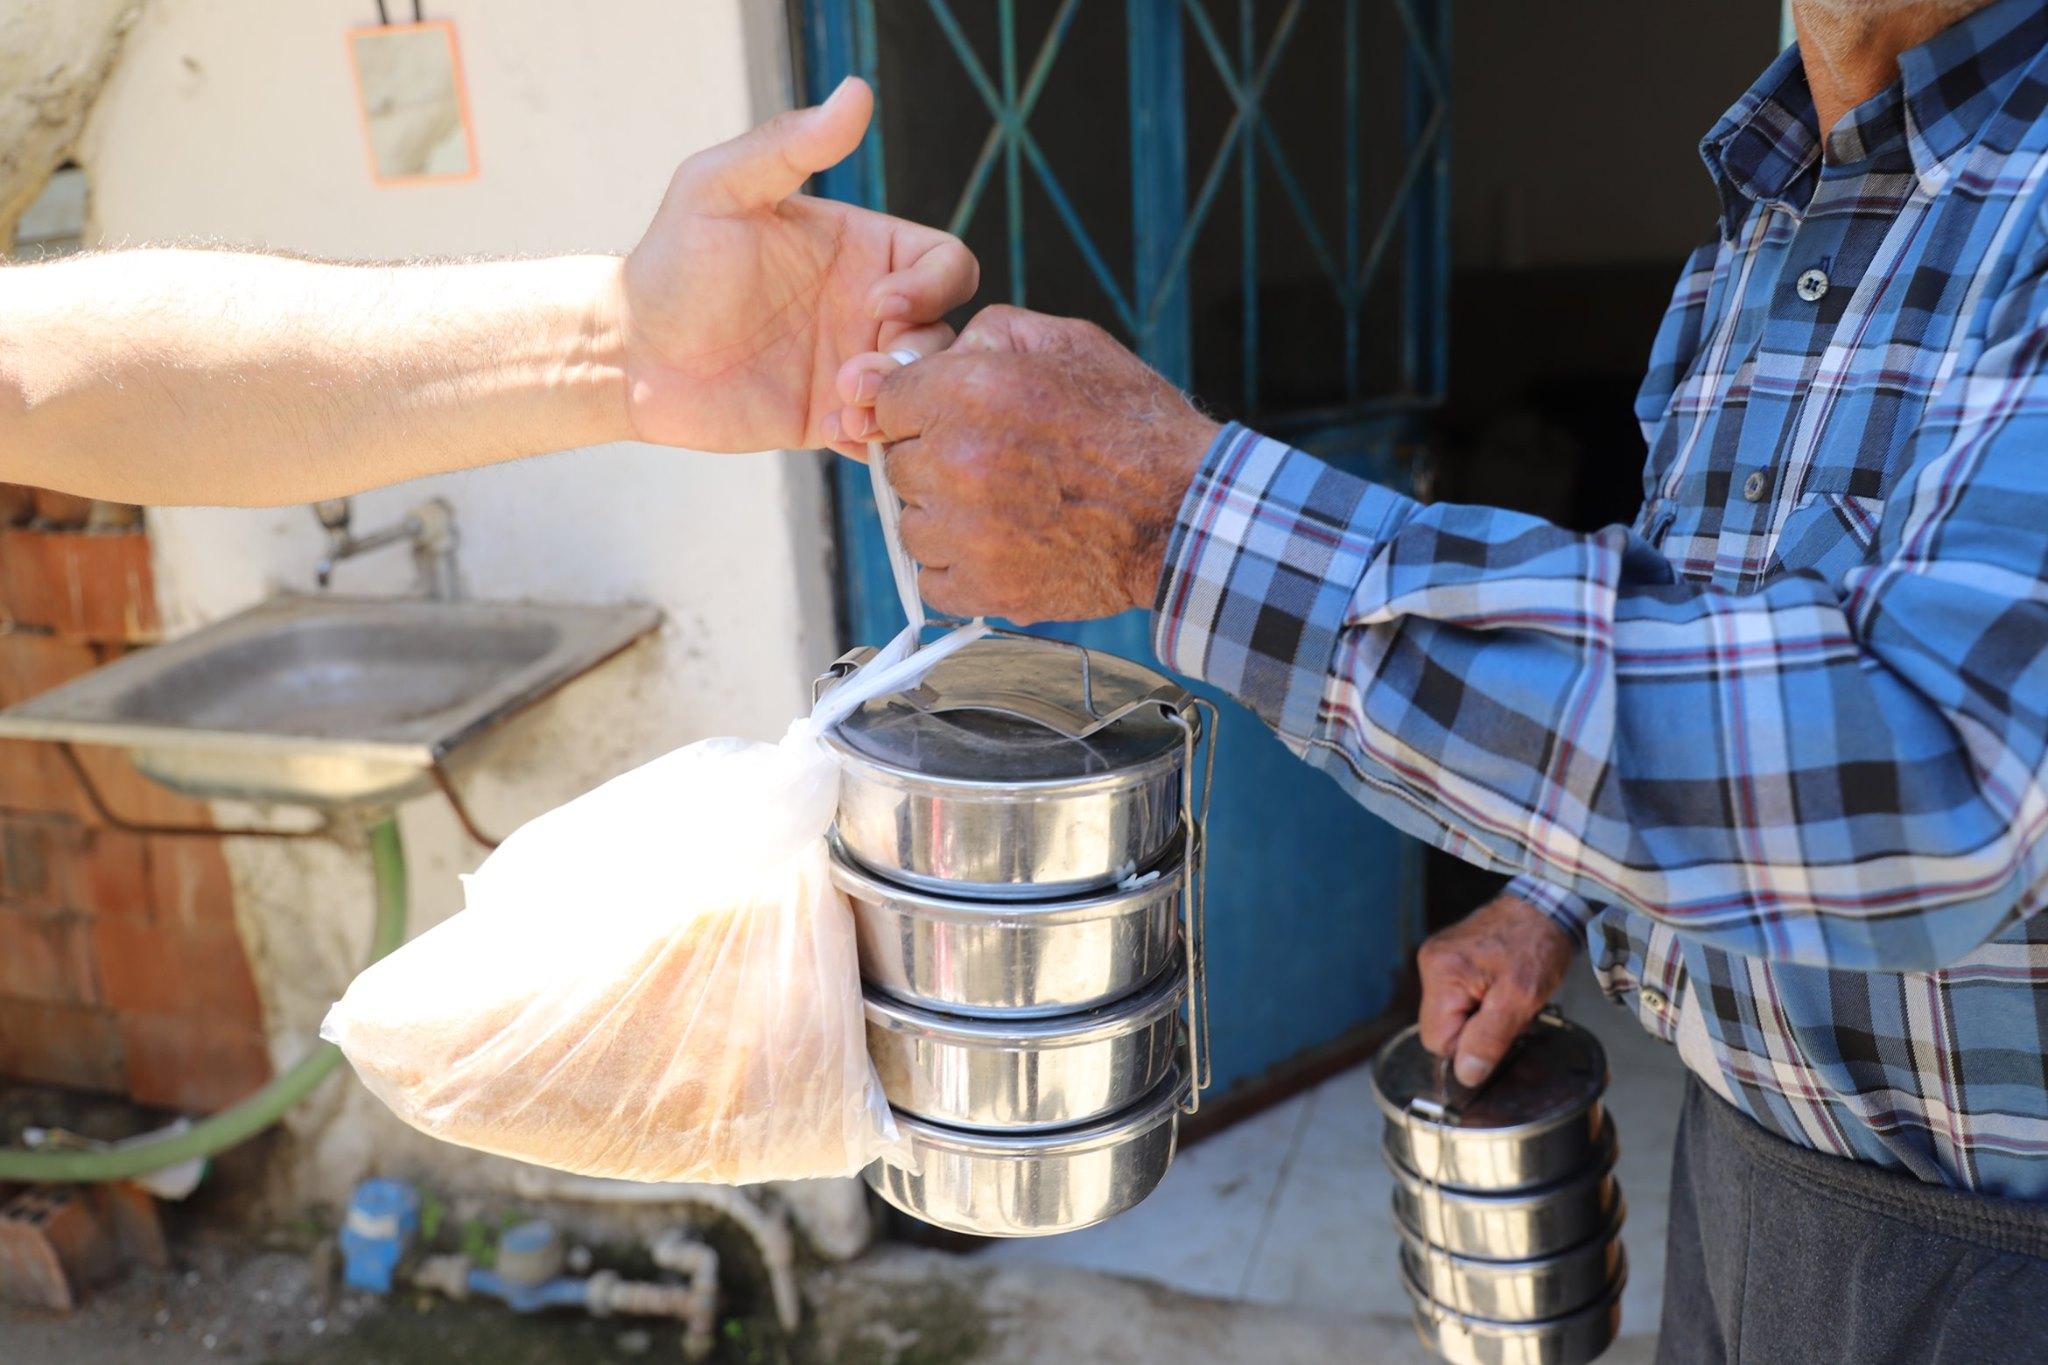 Burhaniye Belediyesinin Sıcak Yemek Yardımı Devam Ediyor